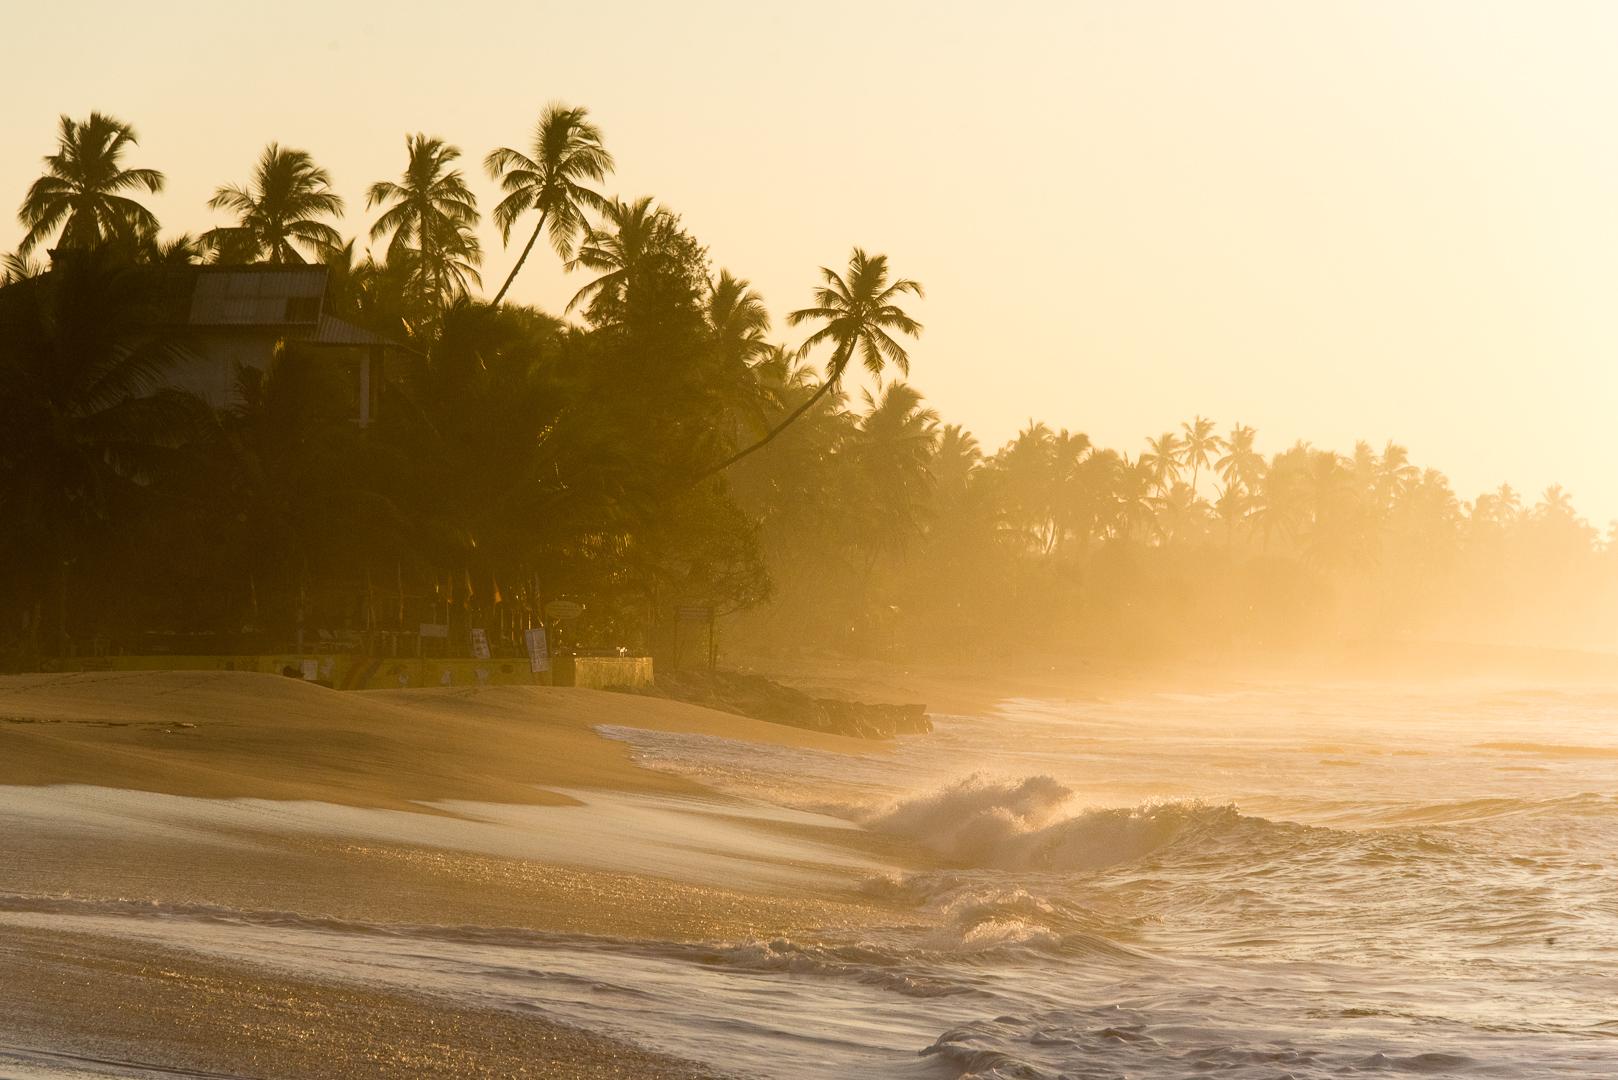 Sri Lanka – Tangalle & Tallala